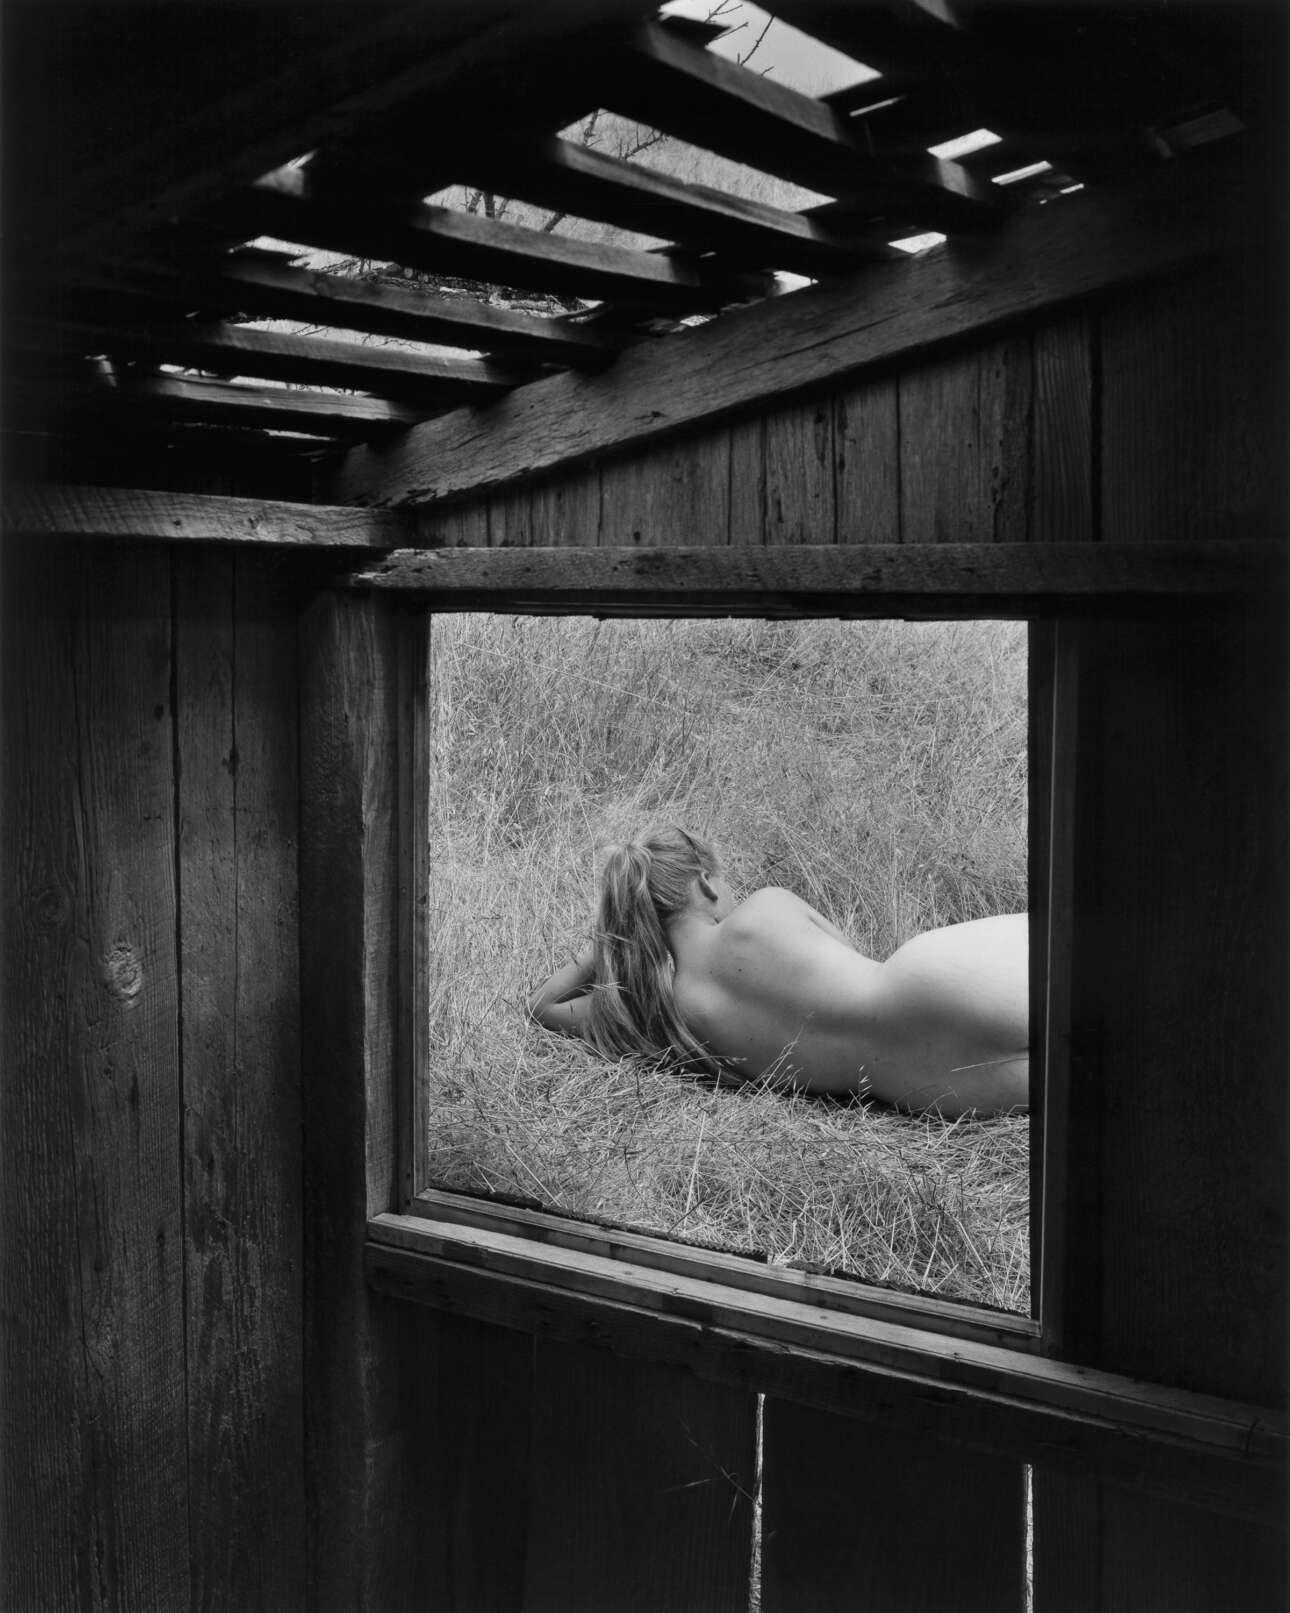 «Η Μπάρμπαρα μέσα από το παράθυρο», 1956. Οι φωτογραφίες του Μπούλοκ «υποδηλώνουν ότι η κατανόηση της φύσης είναι η κατανόηση του εαυτού μας και πως η αρμονία έγκειται στο να αγκαλιάσουμε την αλήθεια ότι είμαστε το ίδιο πράγμα»